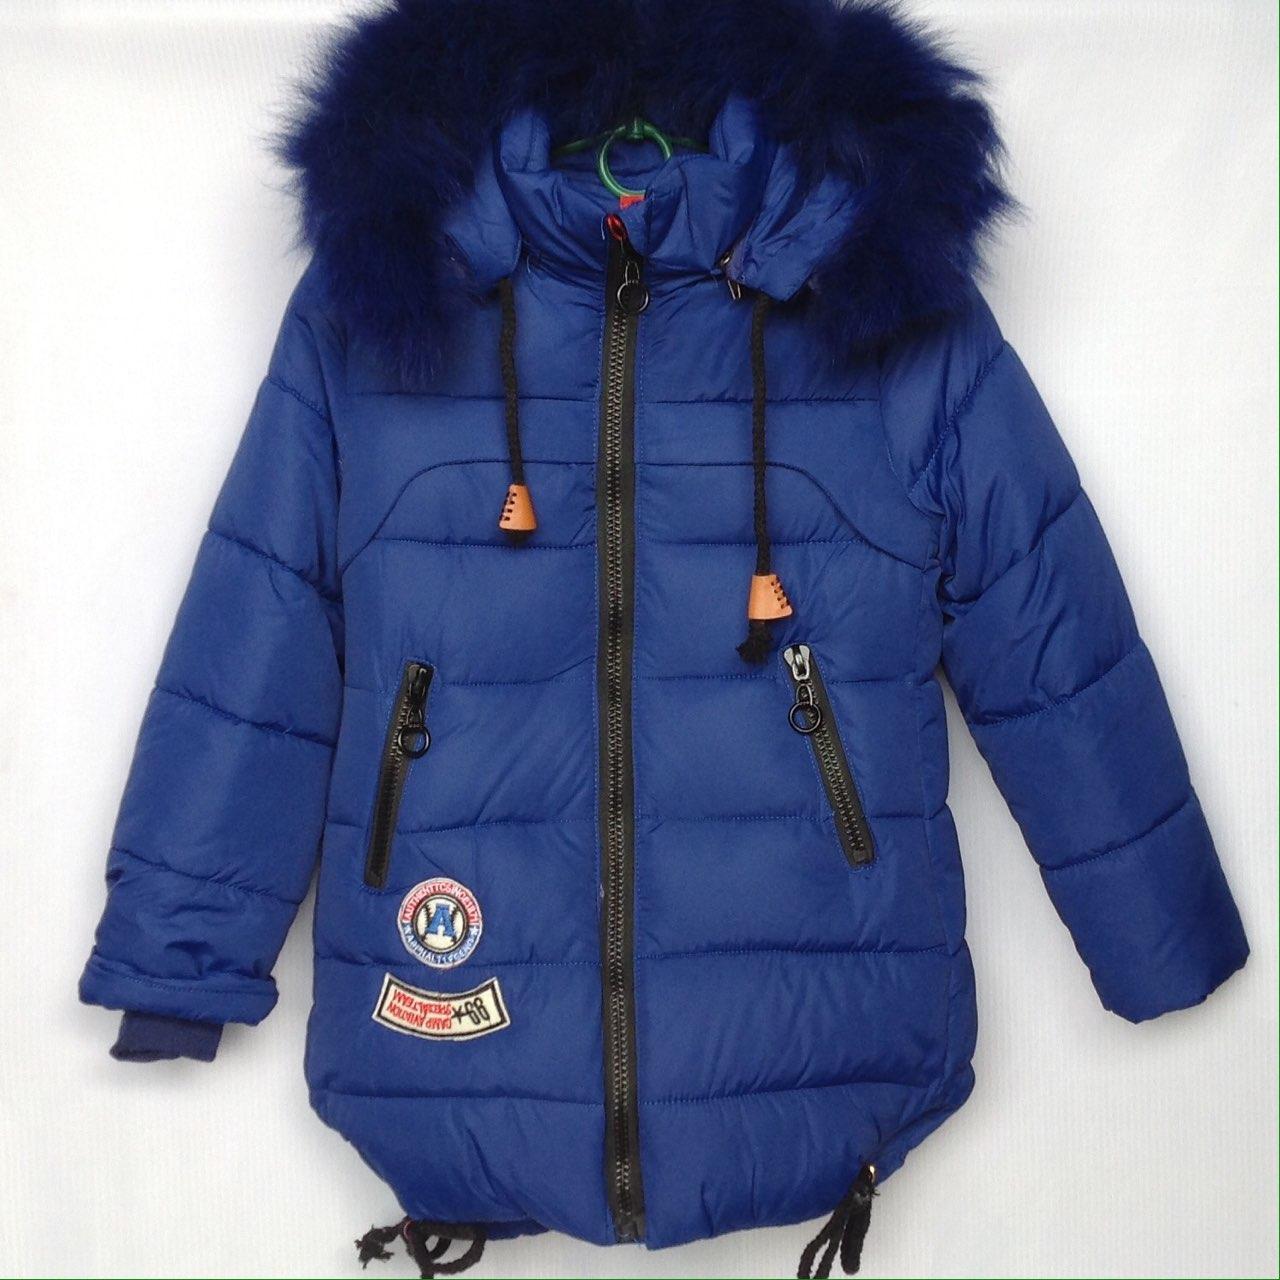 Куртка детская зимняя NIKA 66 #6013 для девочек. 116-140 см (6-10 лет). Синяя. Оптом.